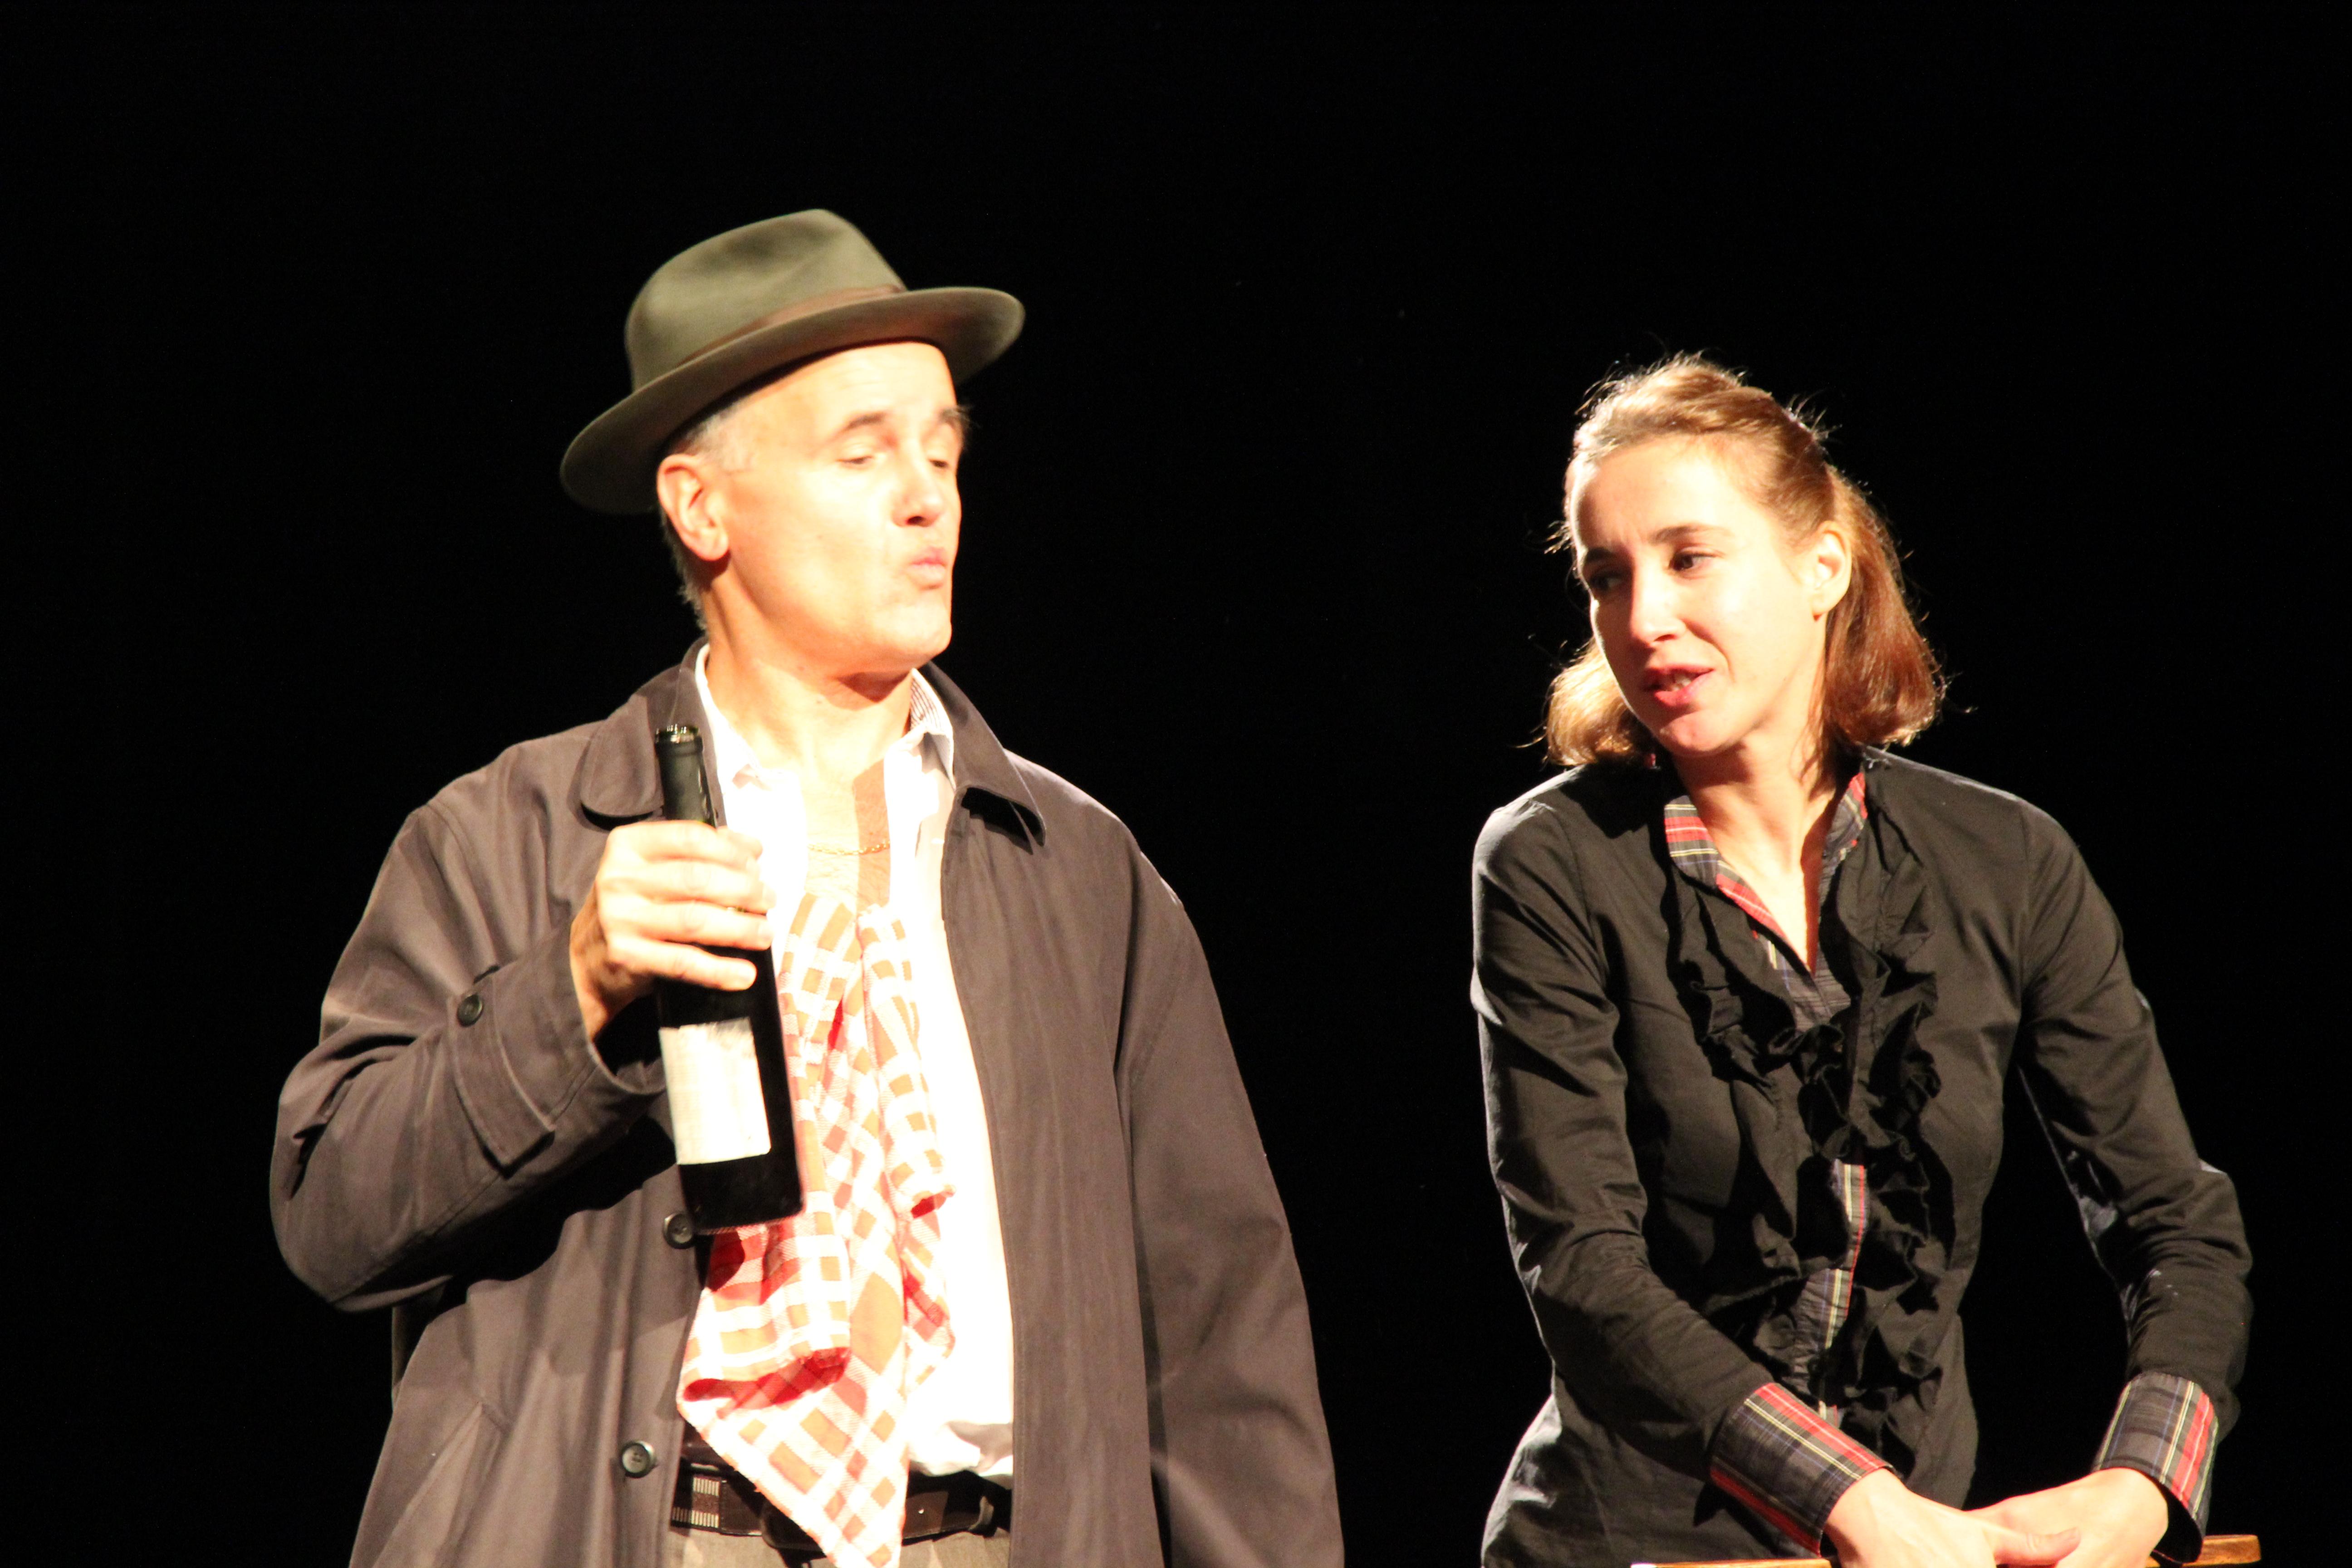 François LE ROUX & Ségolène POINT dans L'EVANGILE SELON PAULO photo 1